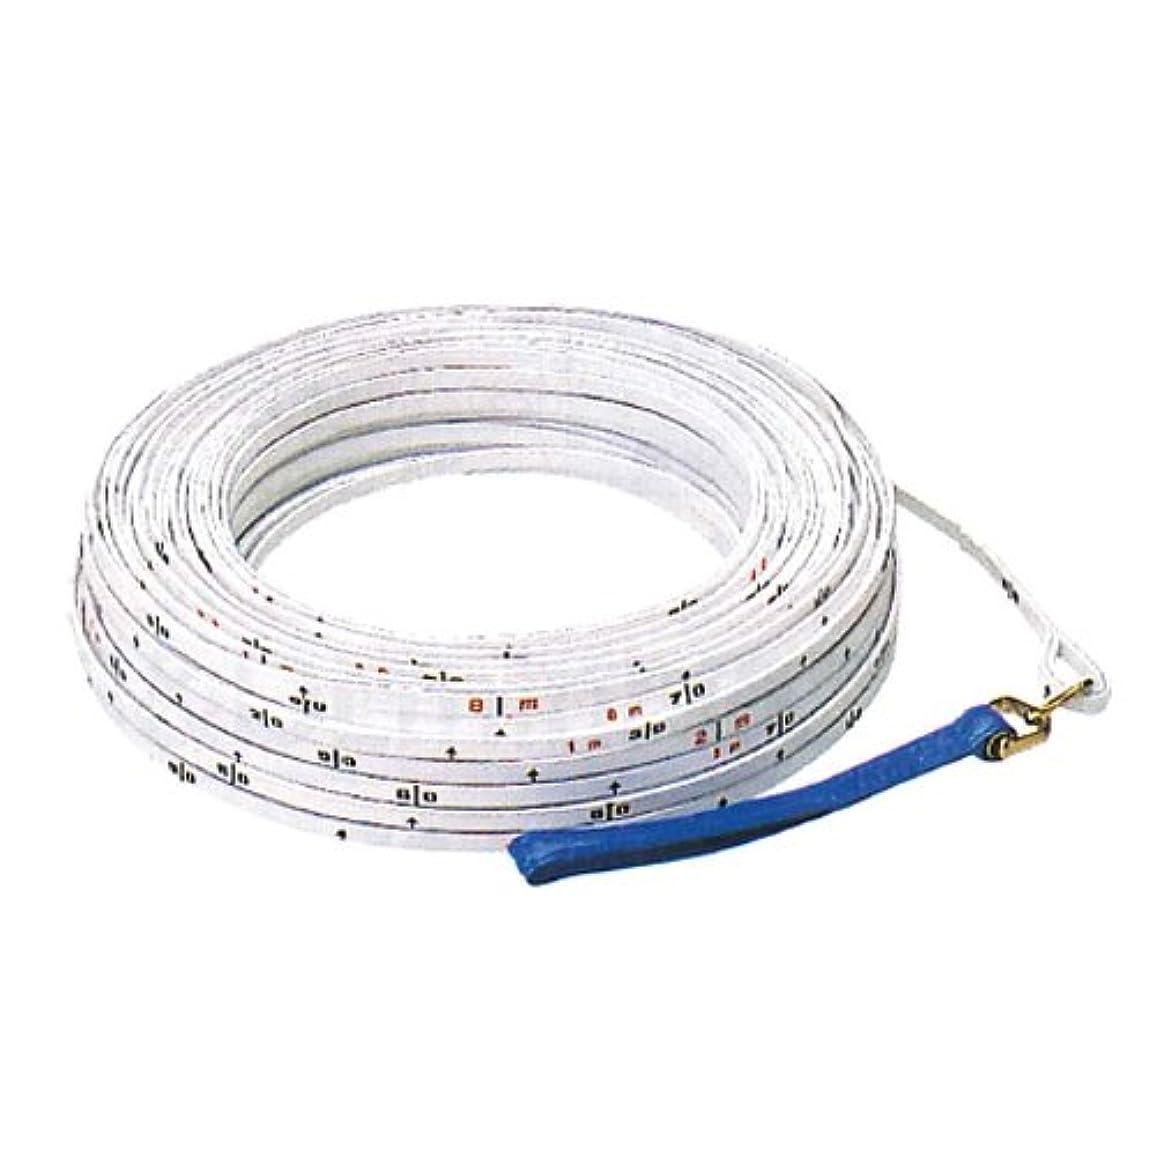 コメントバック致命的エスロン測量ロープ 100-LN 100m セキスイ